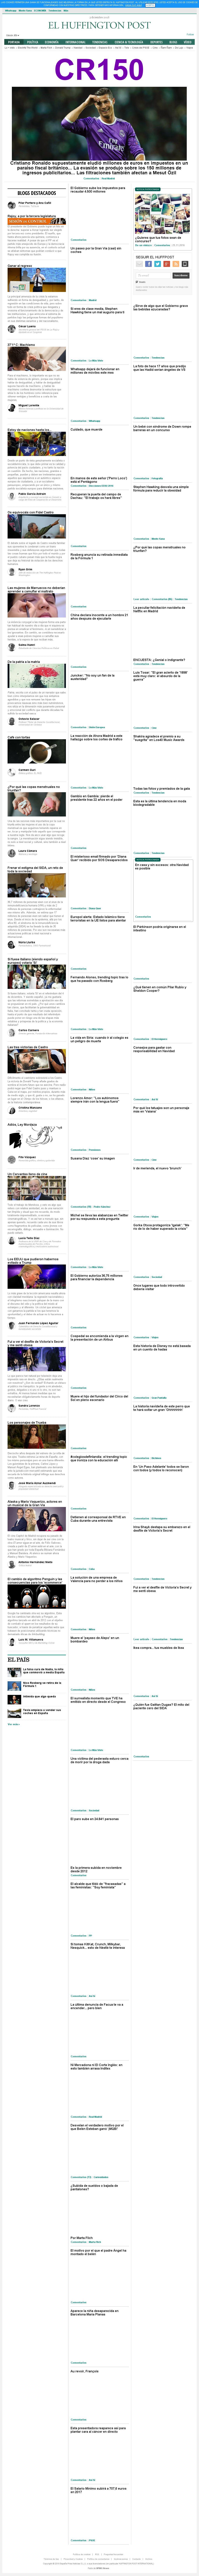 El Huffington Post (Spain) at Saturday Dec. 3, 2016, 1:06 a.m. UTC